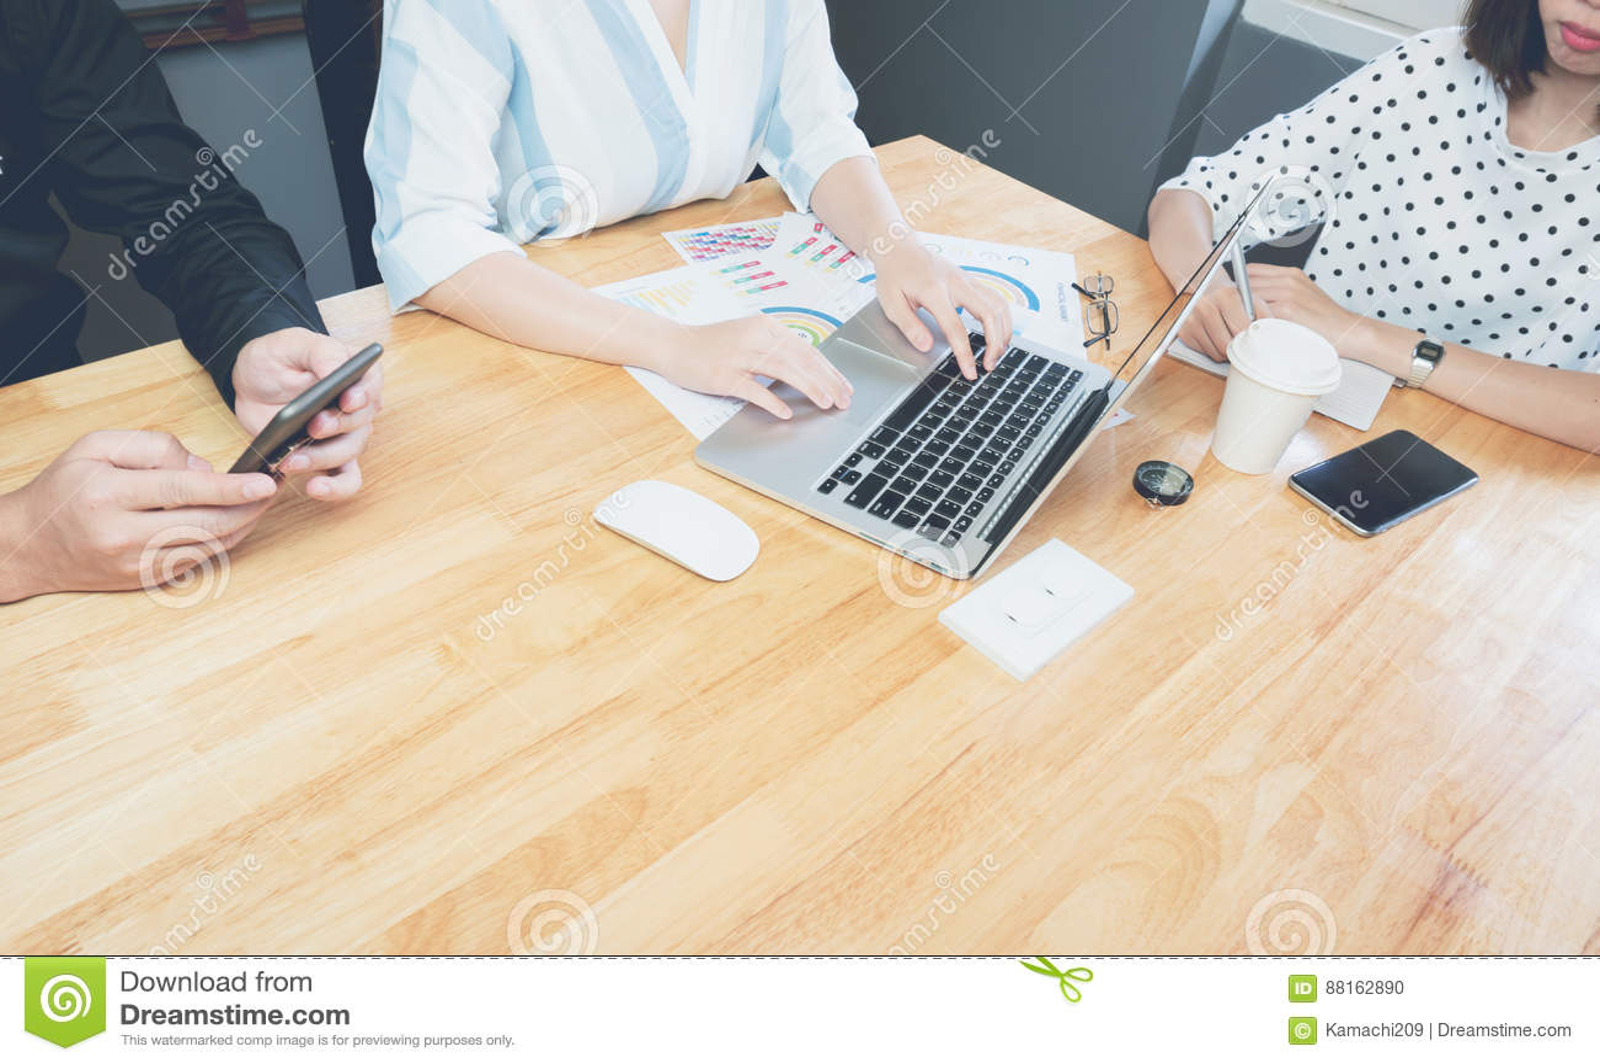 Tavolo Di Ufficio : Donna di affari che si consulta al tavolo di riunione nellufficio